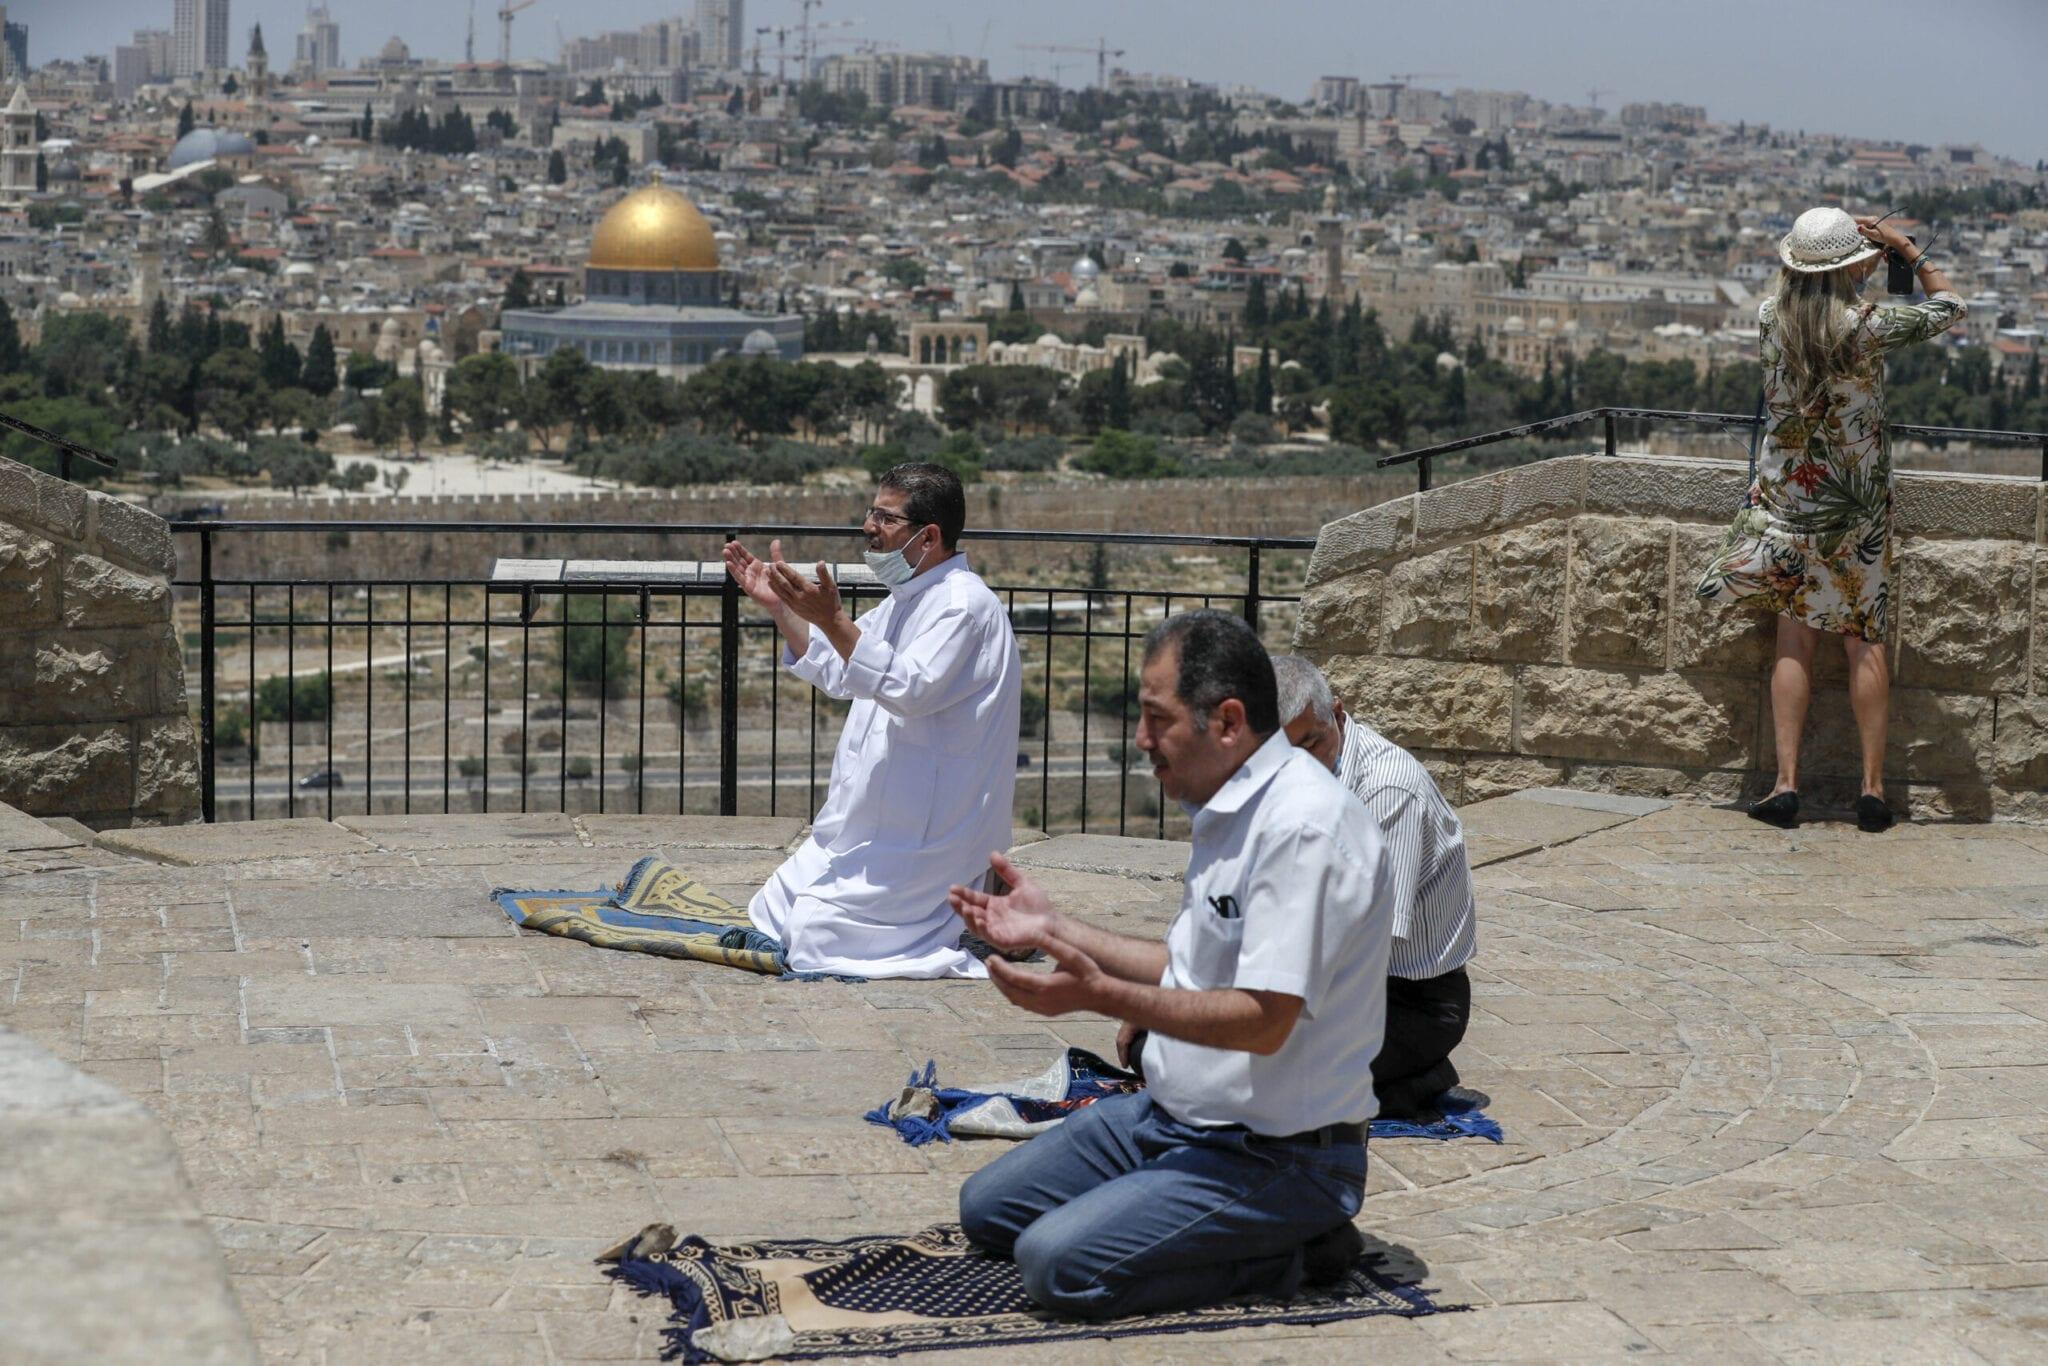 رجال فلسطينيين وهم يؤدون صلاة الجمعة في آخر أيام شهر رمضان المبارك الإسلام